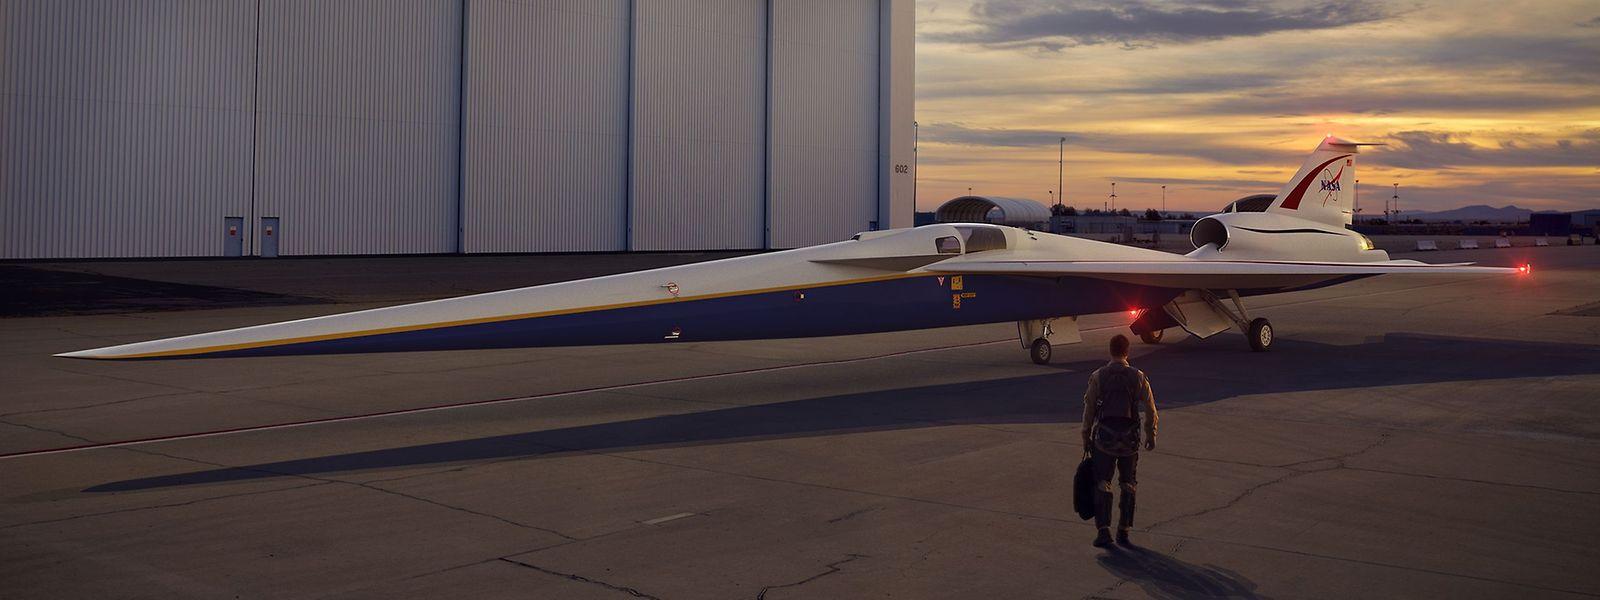 Das X-plane soll von Lockheed Martin entwickelt werden.